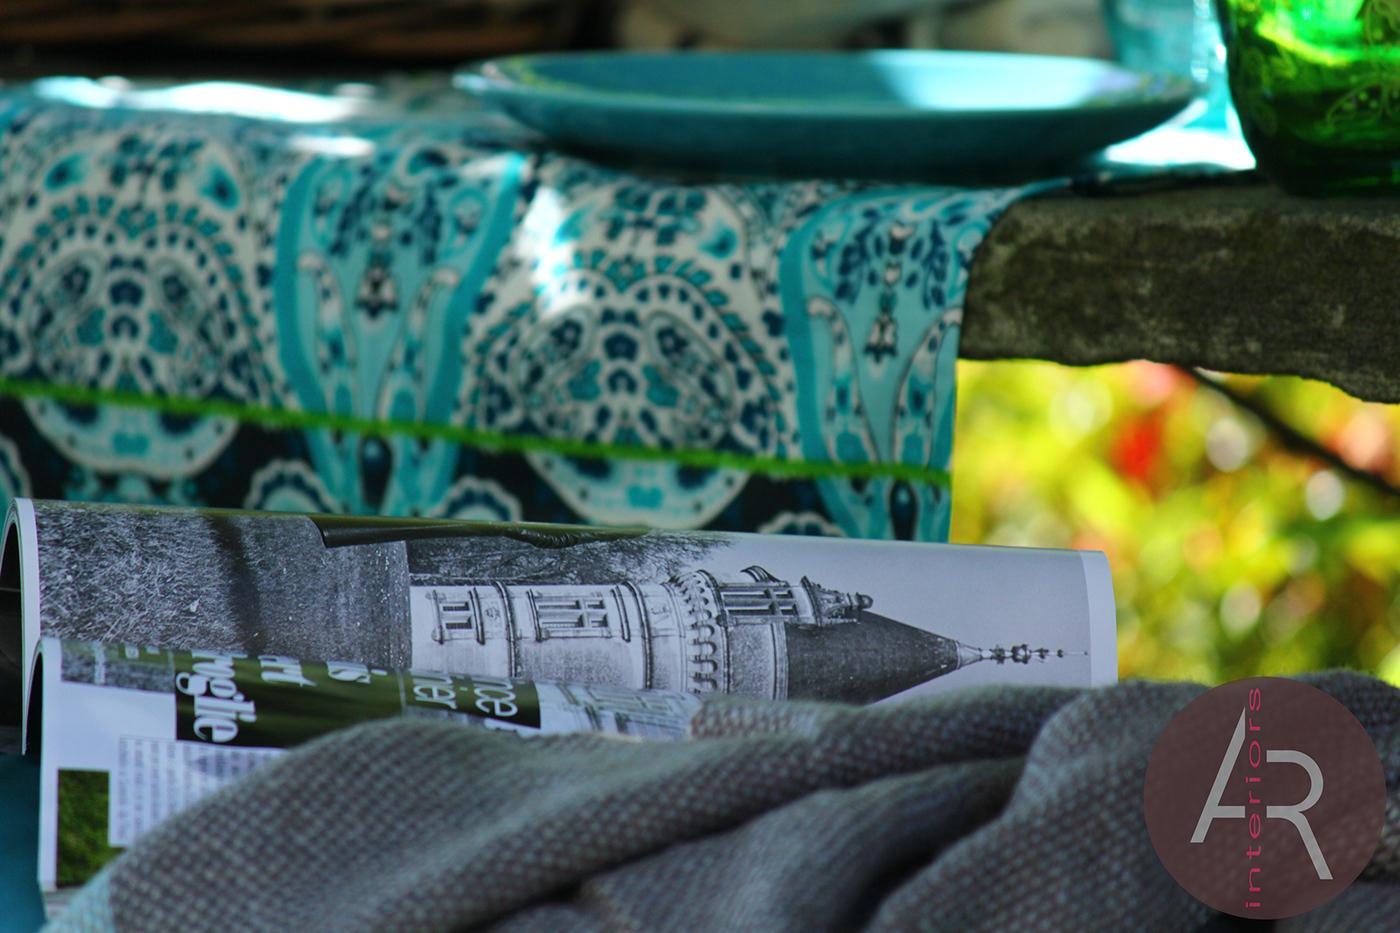 Andrea Ravasi Andrea Ravasi Interiors Allestimento set fotografici foto di interni foto di esterni interior design  photo shooting setup arredamento